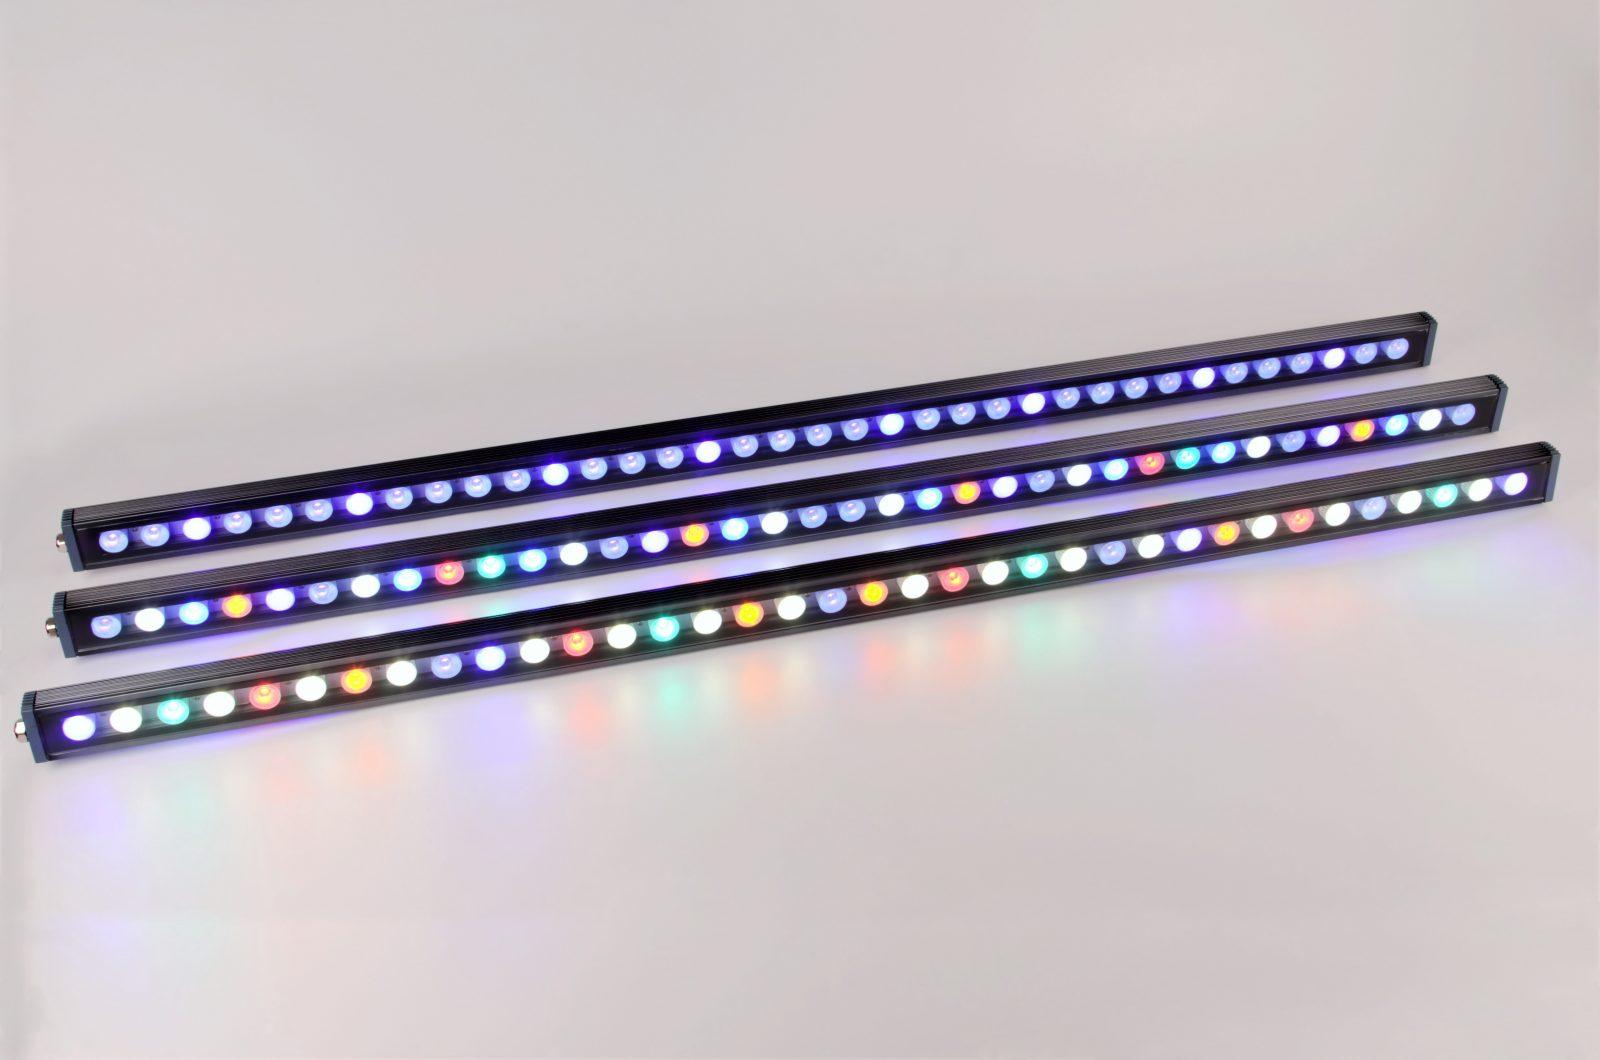 সেরা LED স্ট্রিপ রিফ ট্যাঙ্ক